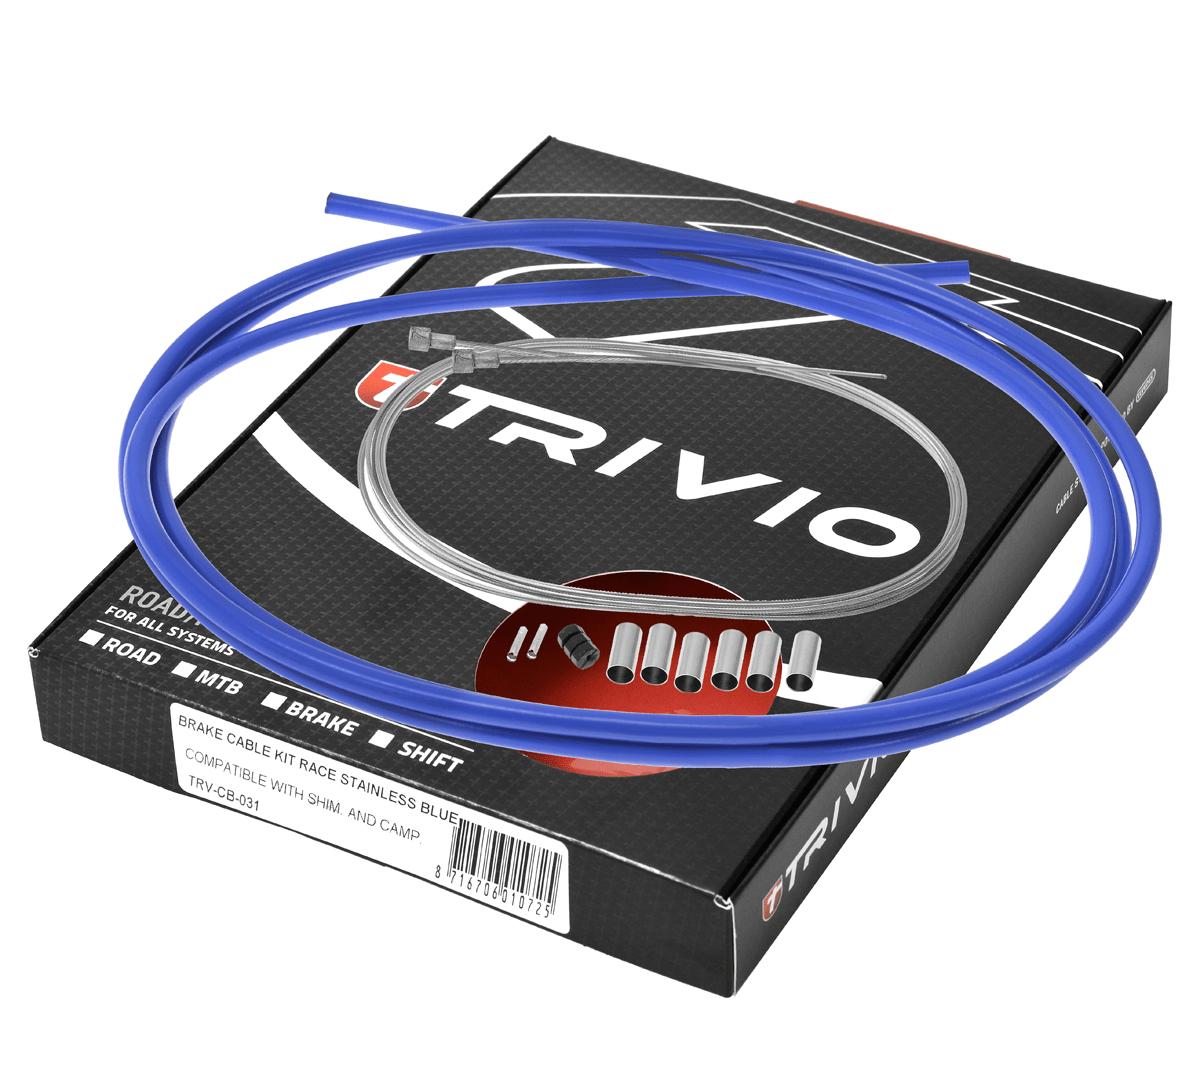 Trivio Gearkabel sæt Blå | Gearkabler og wire